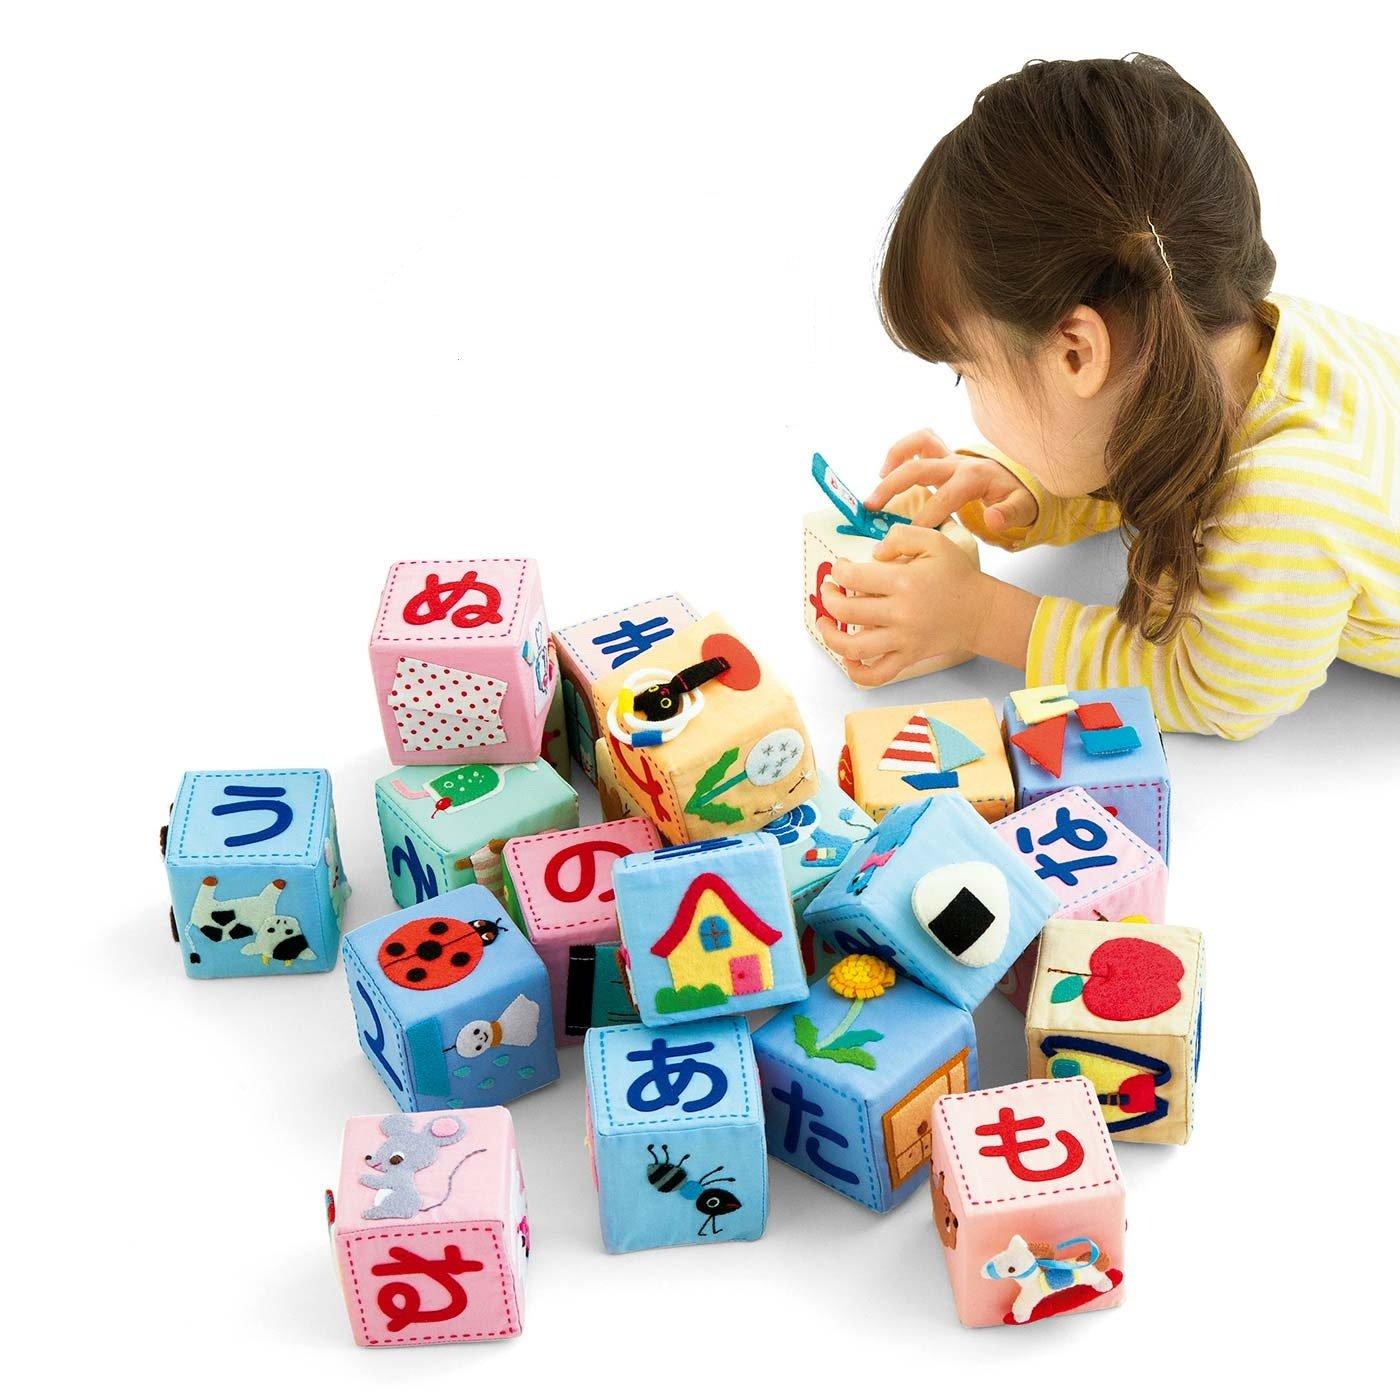 見てさわって遊びながら覚えちゃう! 型抜き済みフェルトで作るコロコロ文字ブロックの会